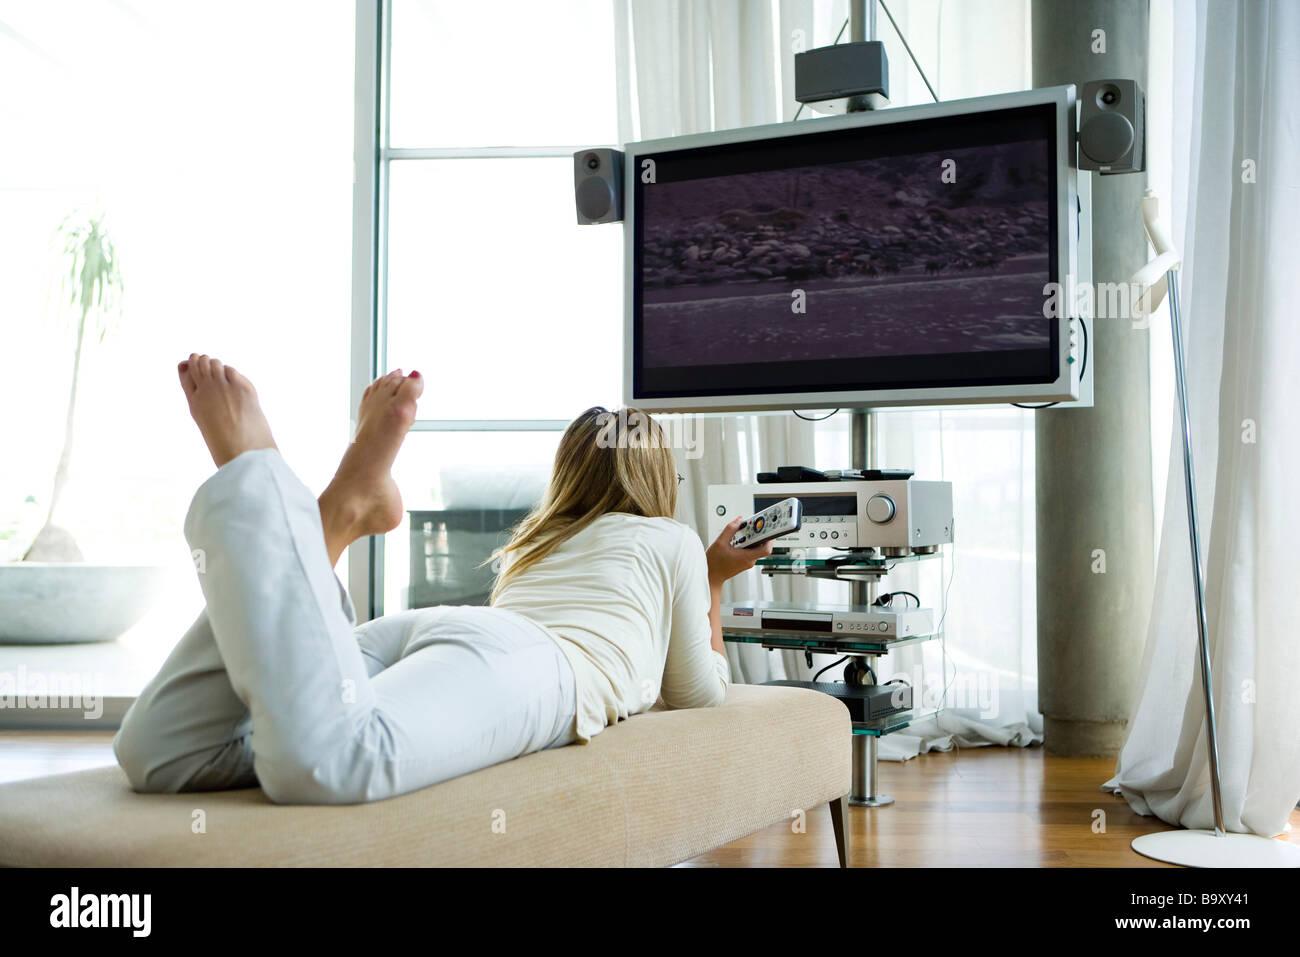 Frau liegend auf der Chaiselongue, vor dem Flachbild-Fernseher mit Surround-sound Stockbild